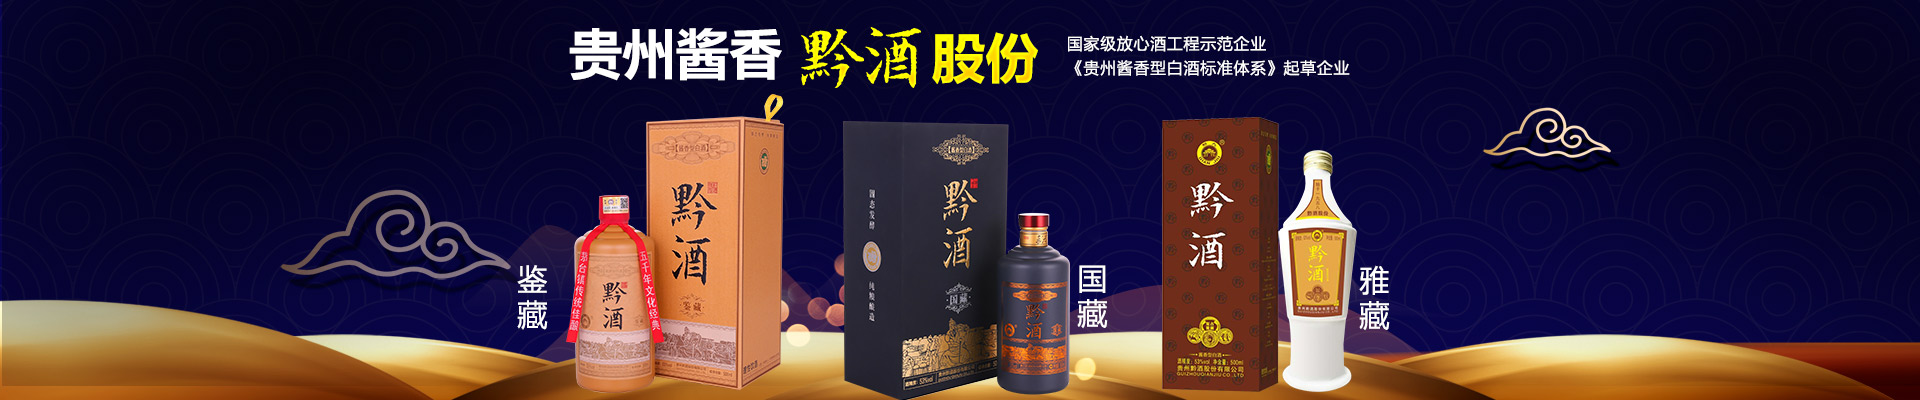 贵州黔酒股份鉴藏、国藏酒全国运营商